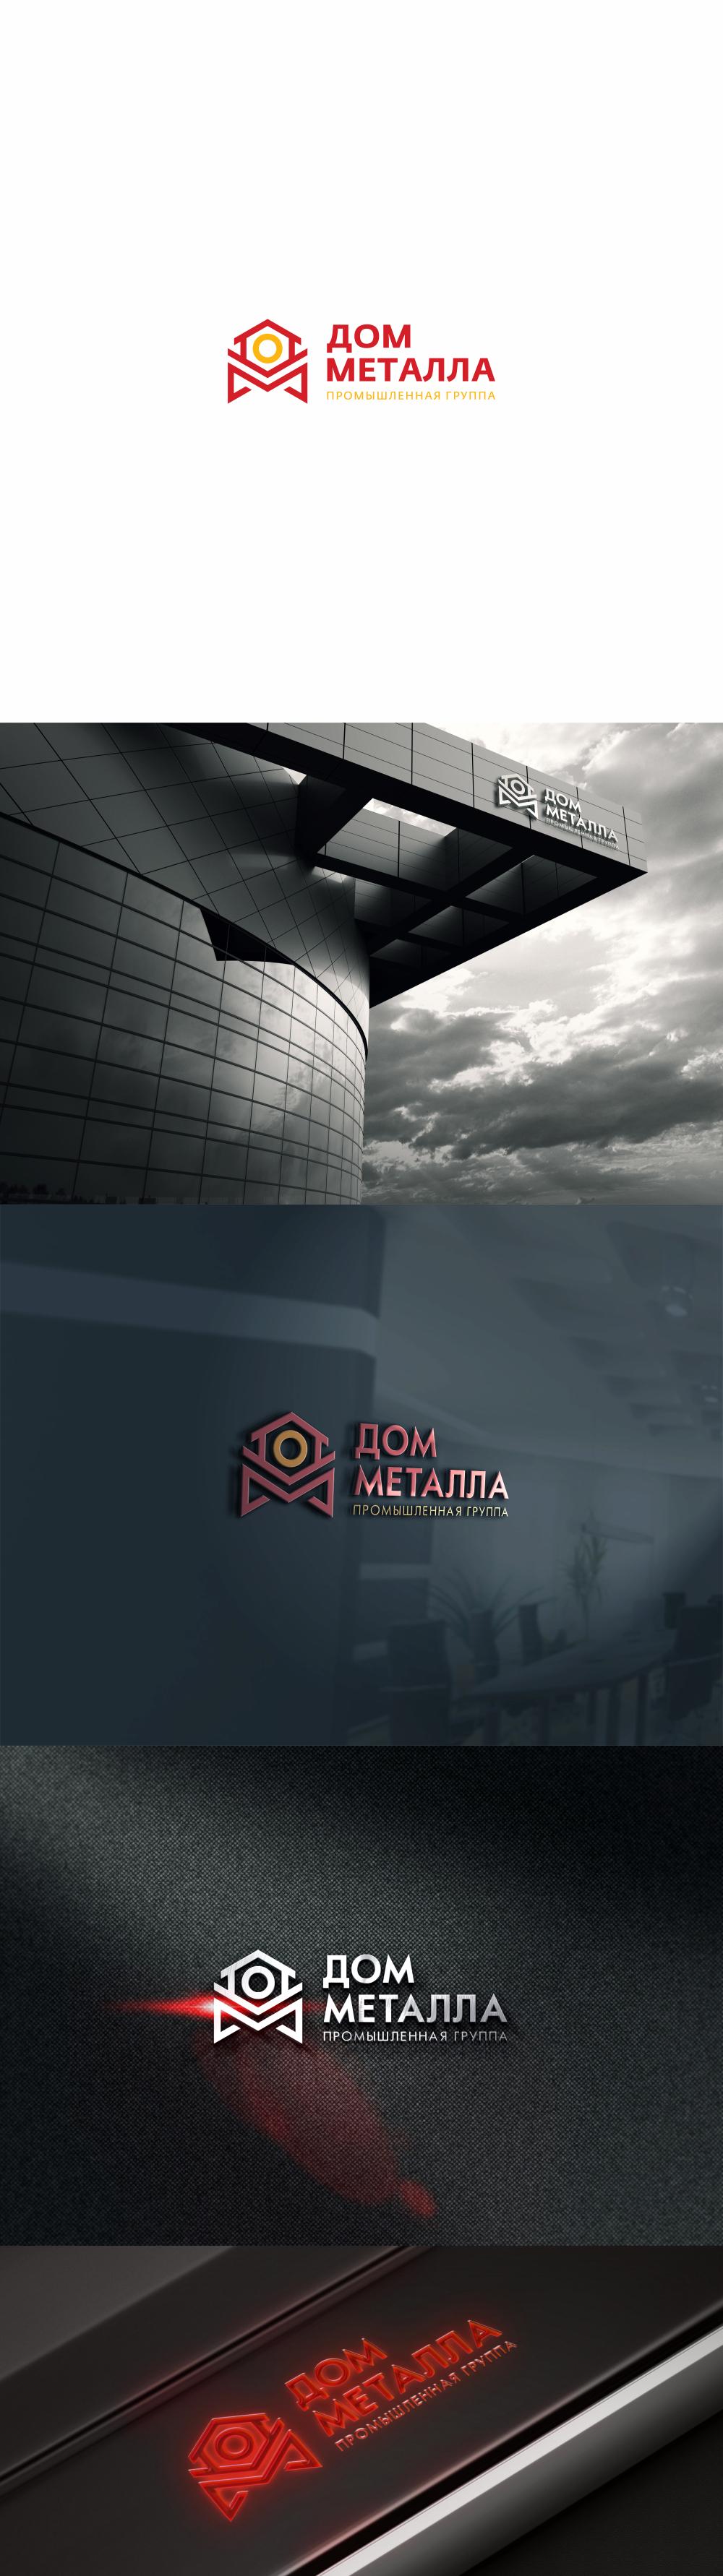 Разработка логотипа фото f_3275c5c145a23cd5.jpg